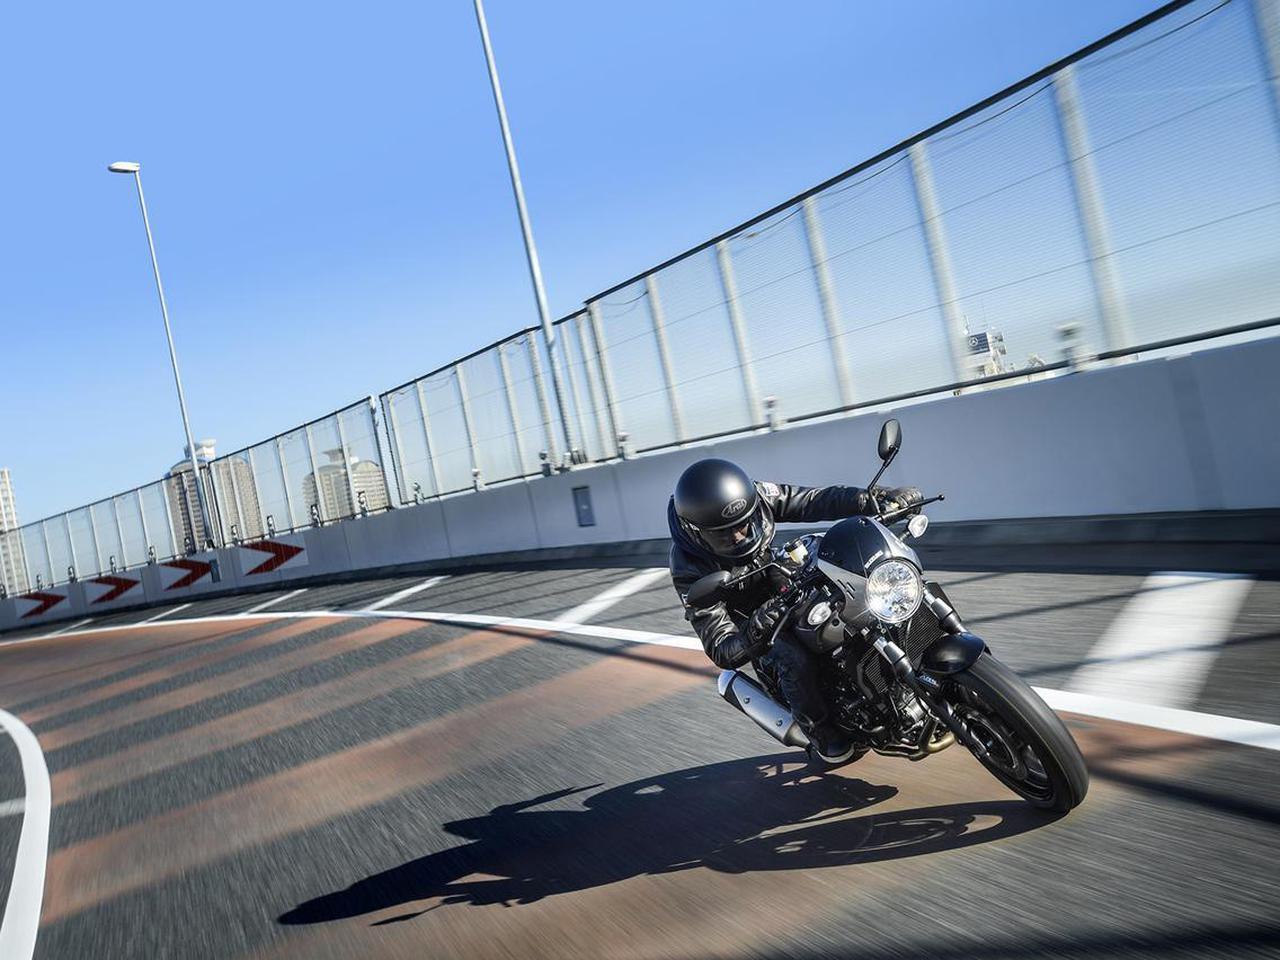 画像: バイクは『持っているだけ』じゃ意味がない!『SV650X』で感じた、ライダーとして大事なこと - スズキのバイク!